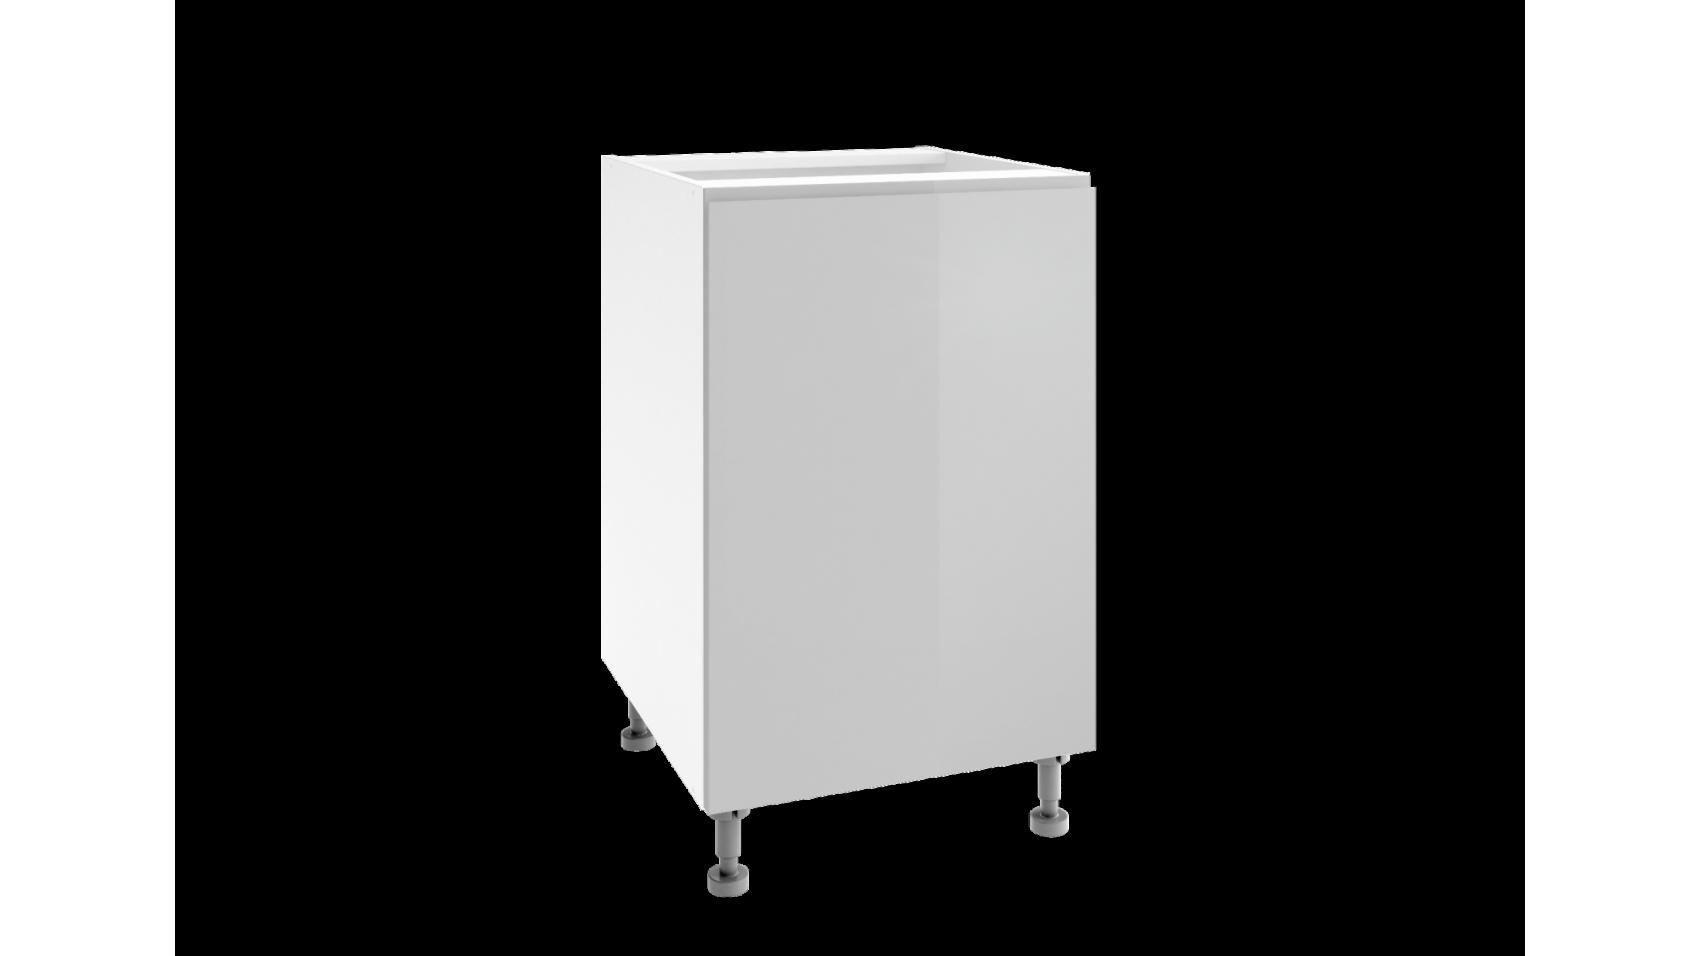 Kuchenne Szafki Dolne Vegas Light Grey | sklep internetowy Lupus ECO